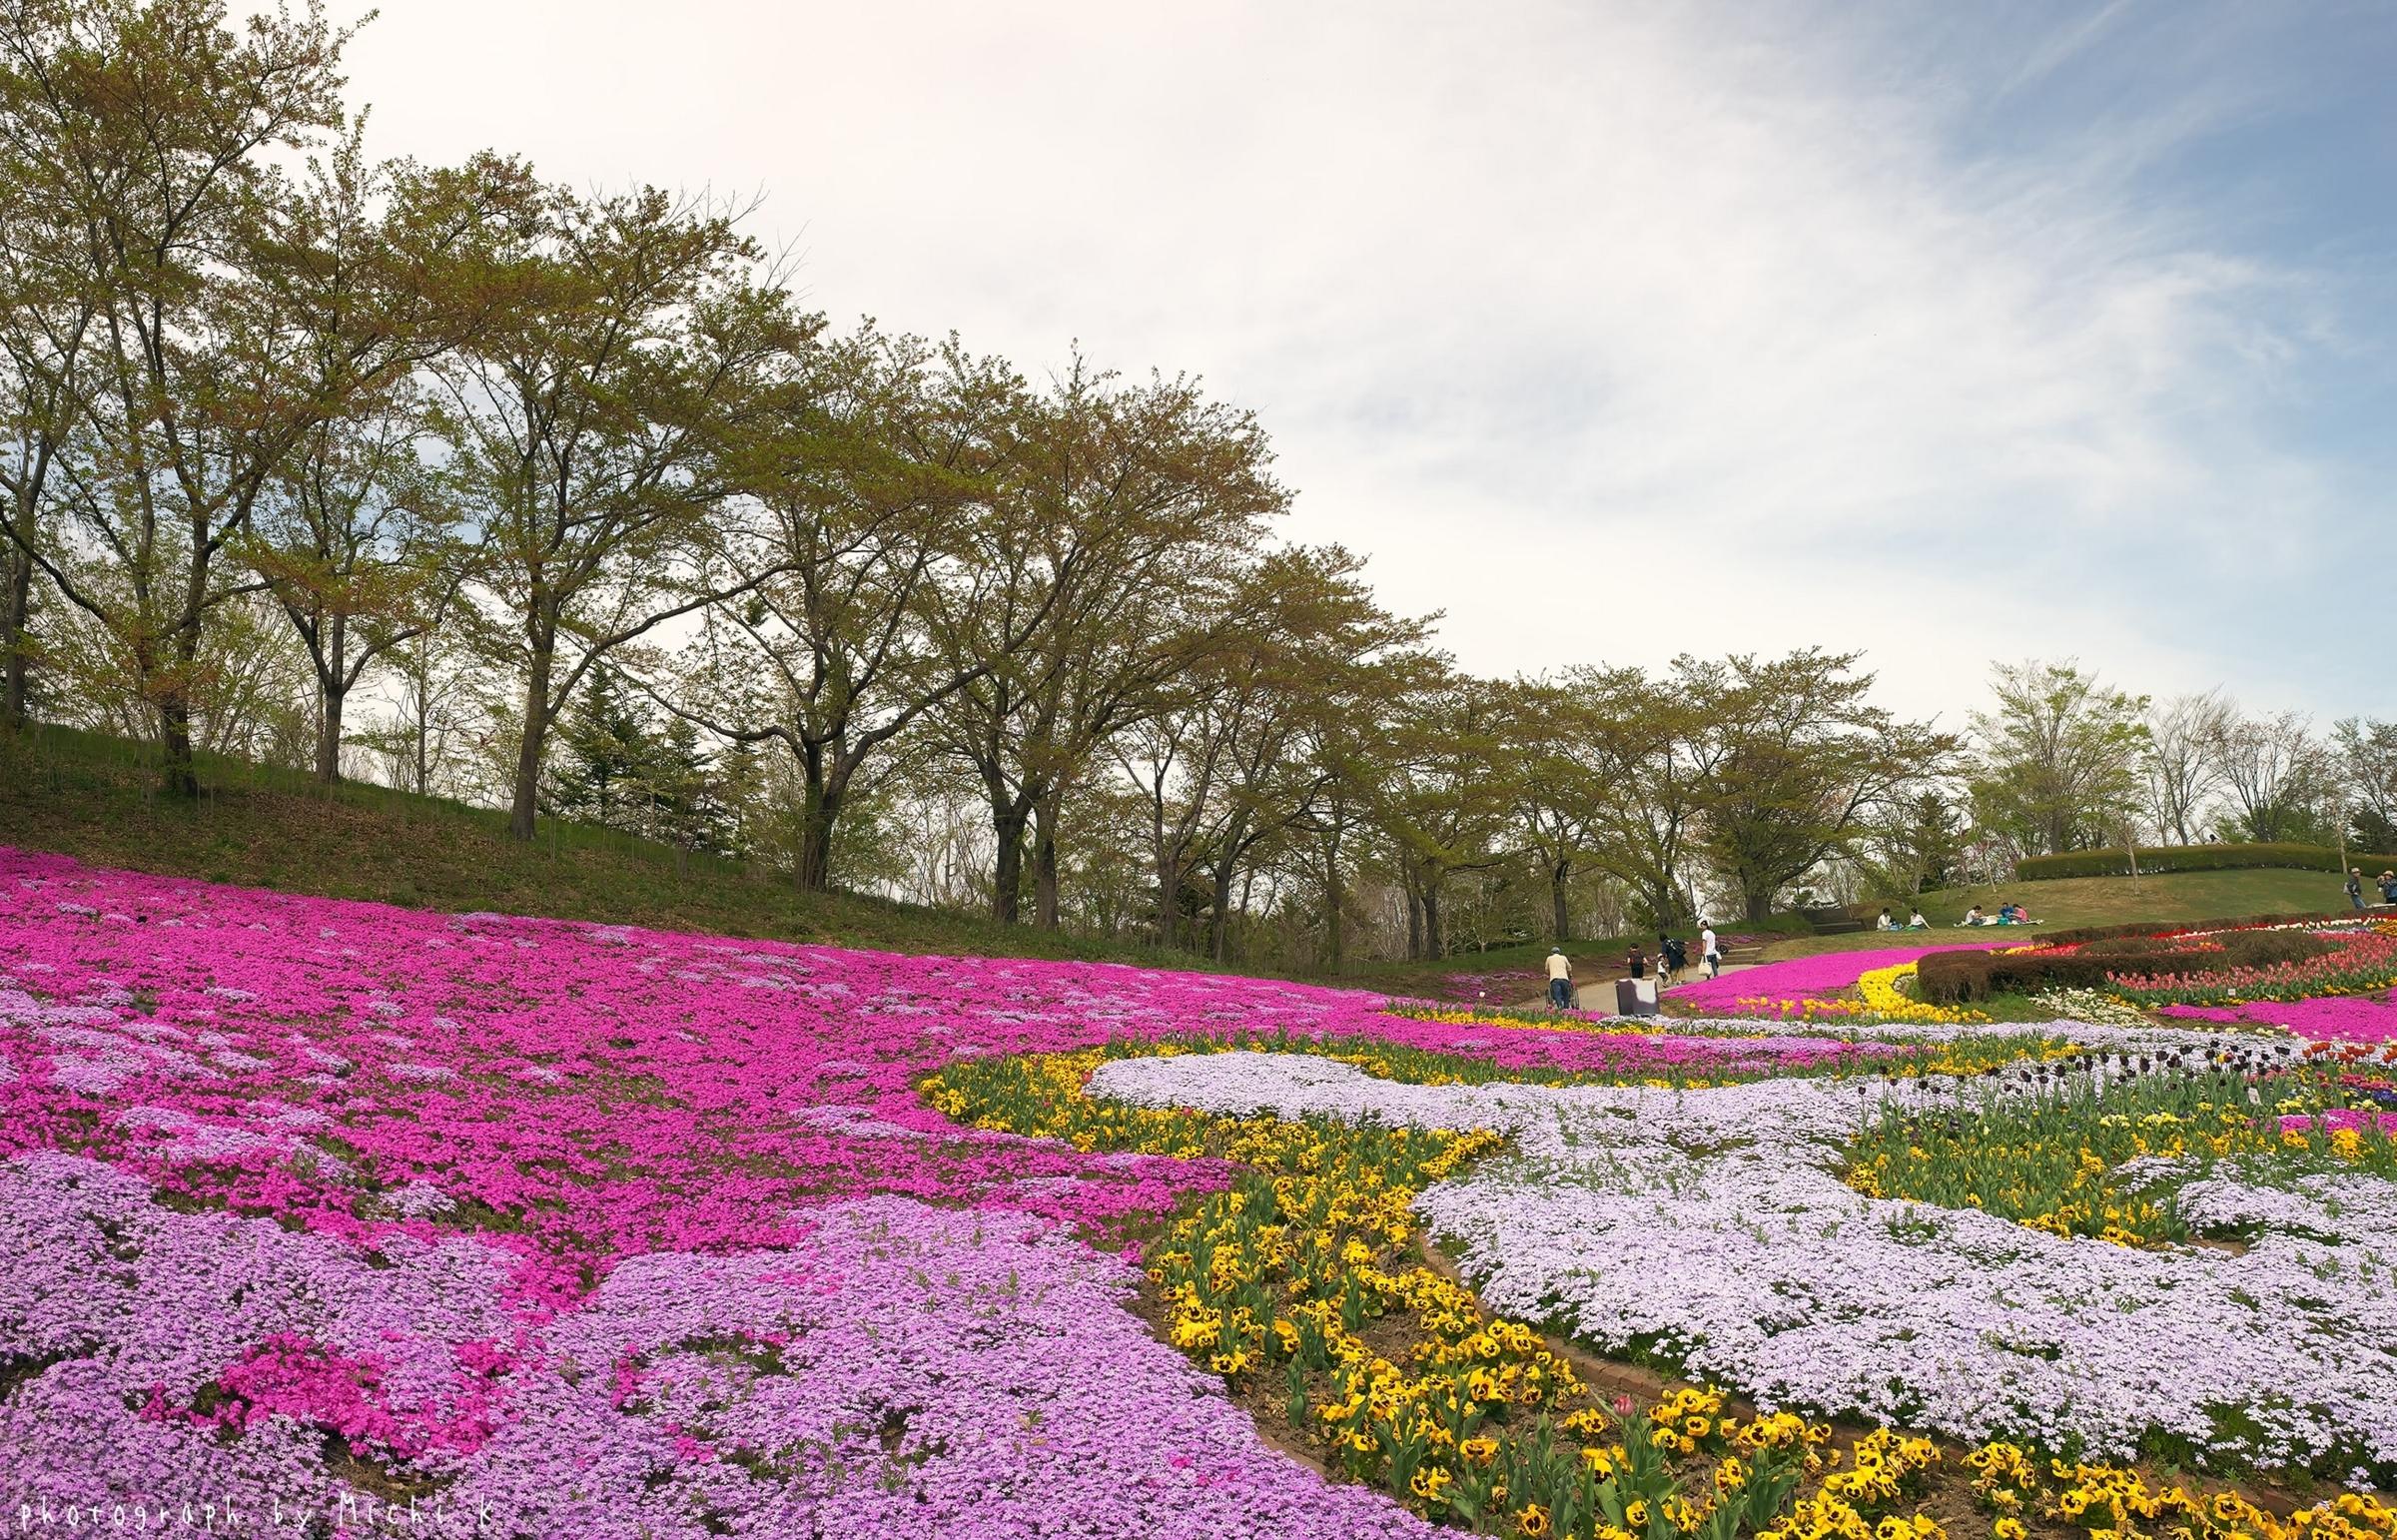 みちのく公園・シバザクラ 2018-4-22(その2)